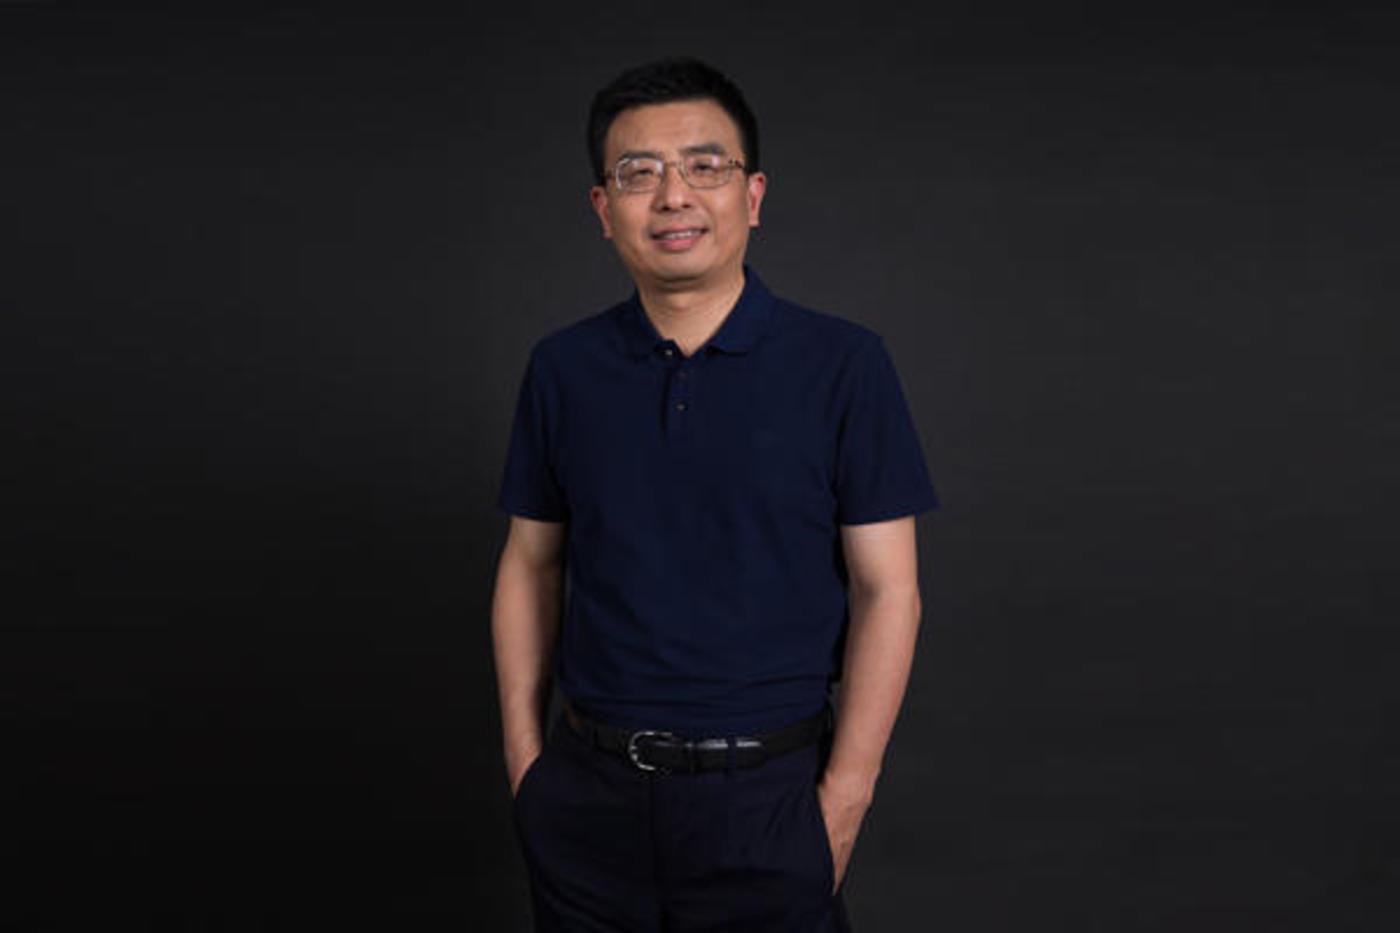 腾讯AI Lab副主任及西雅图人工智能实验负责人俞栋